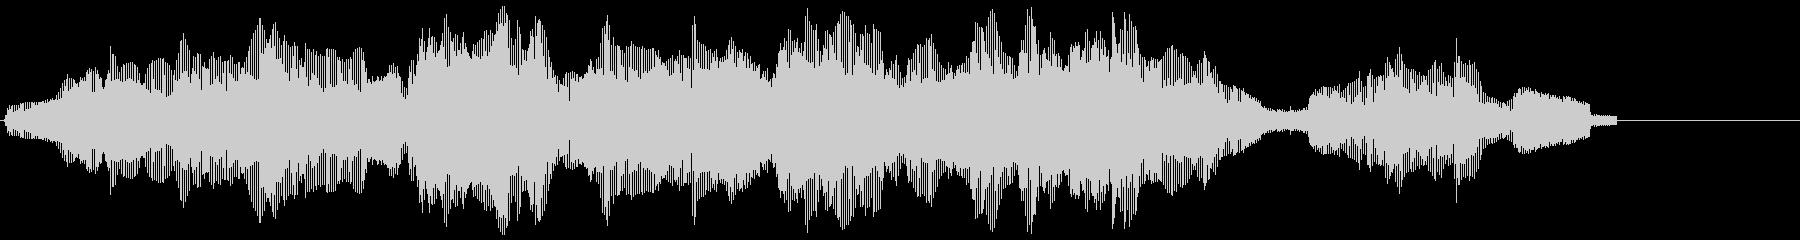 コンピューター口ハープエラーの未再生の波形